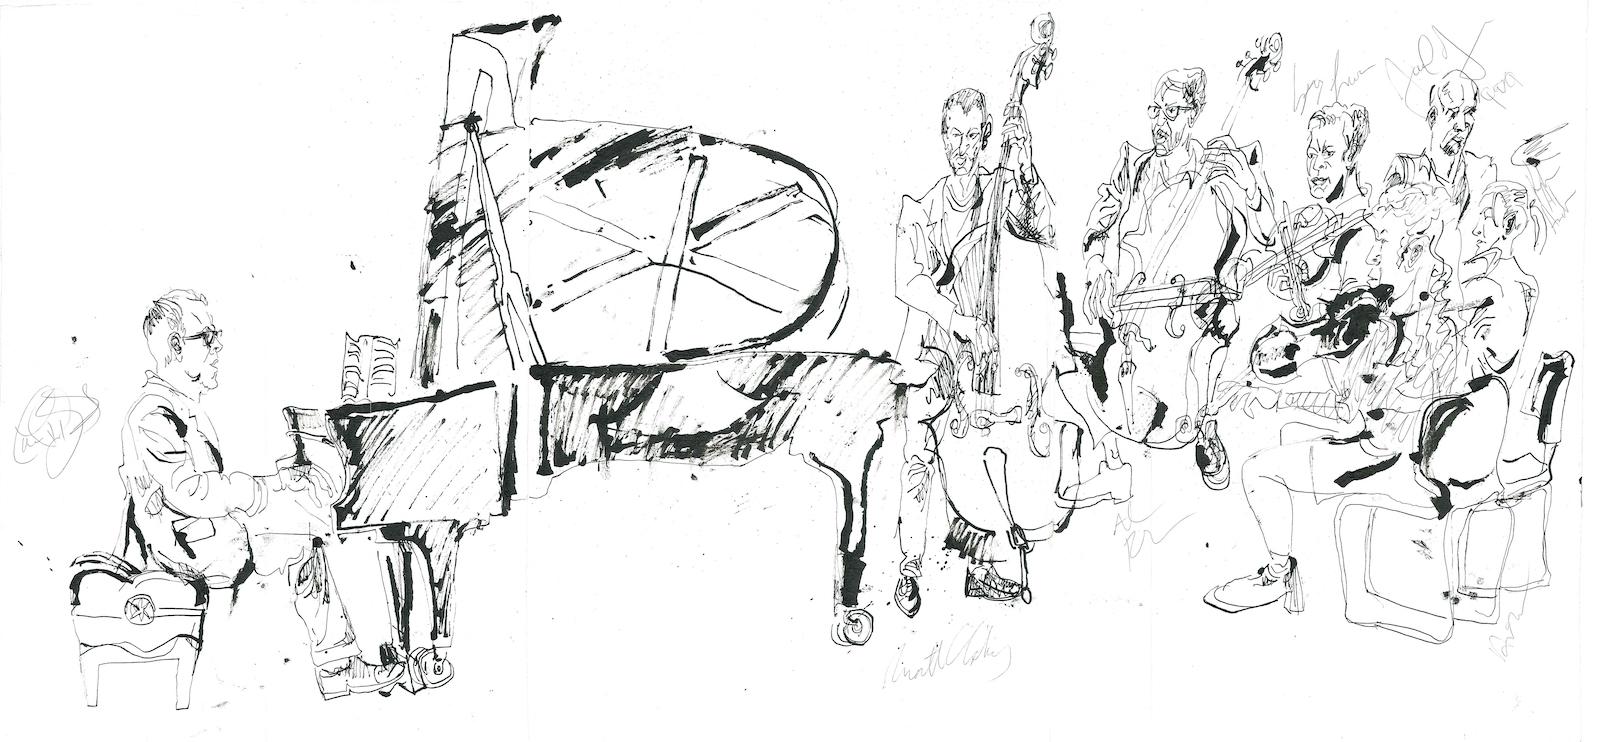 Lawrence hobgood orchestra at yamaha studios